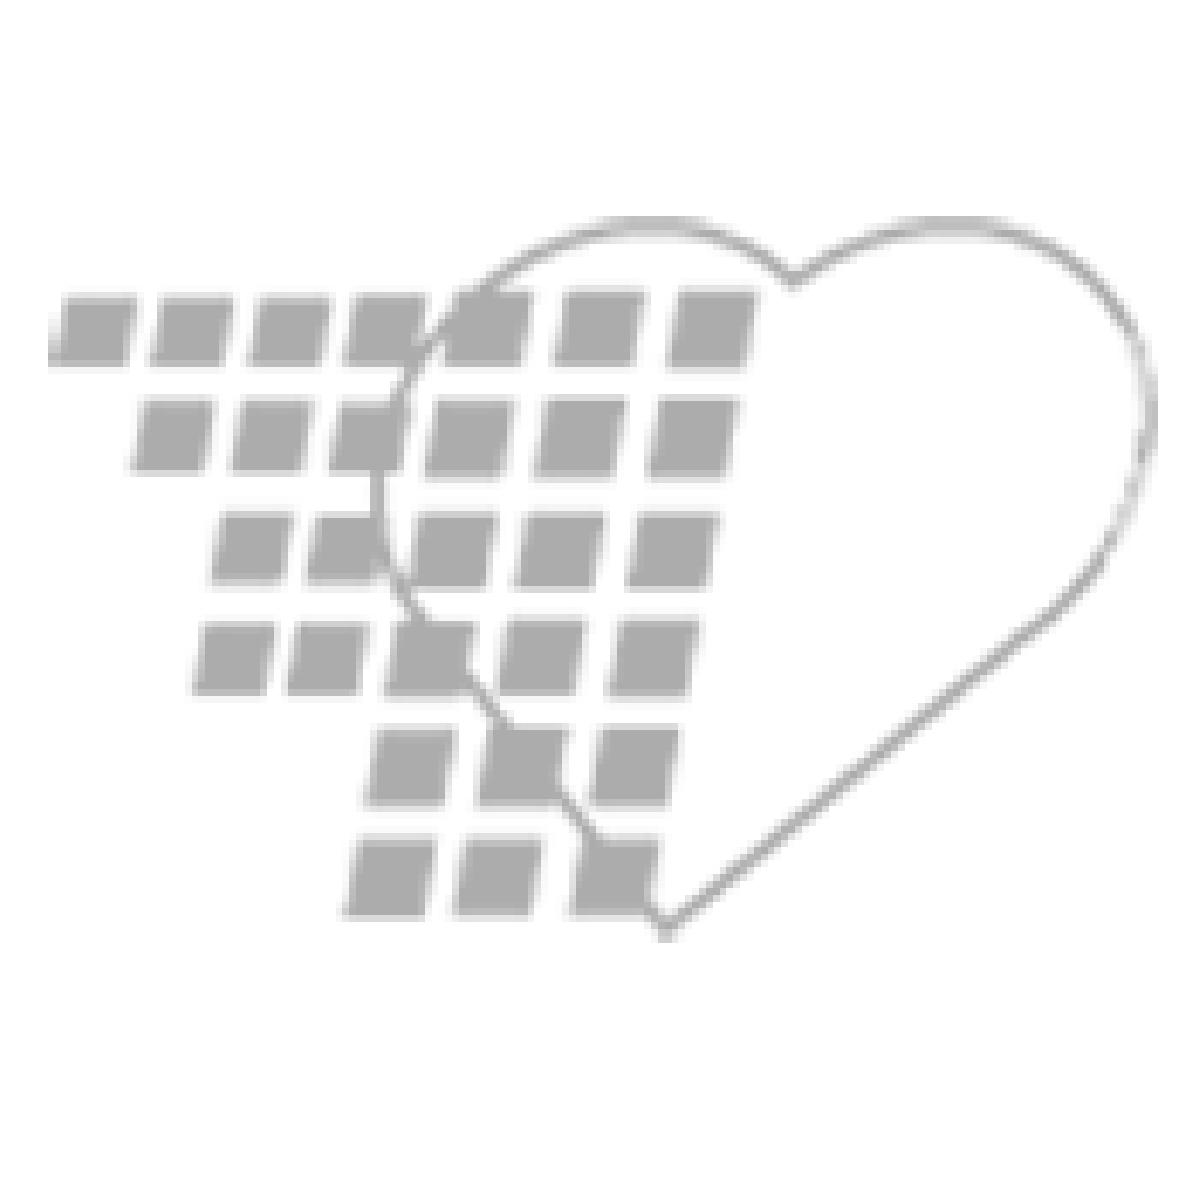 02-20-2007 Welch Allyn FlexiPort Reusable Cuff